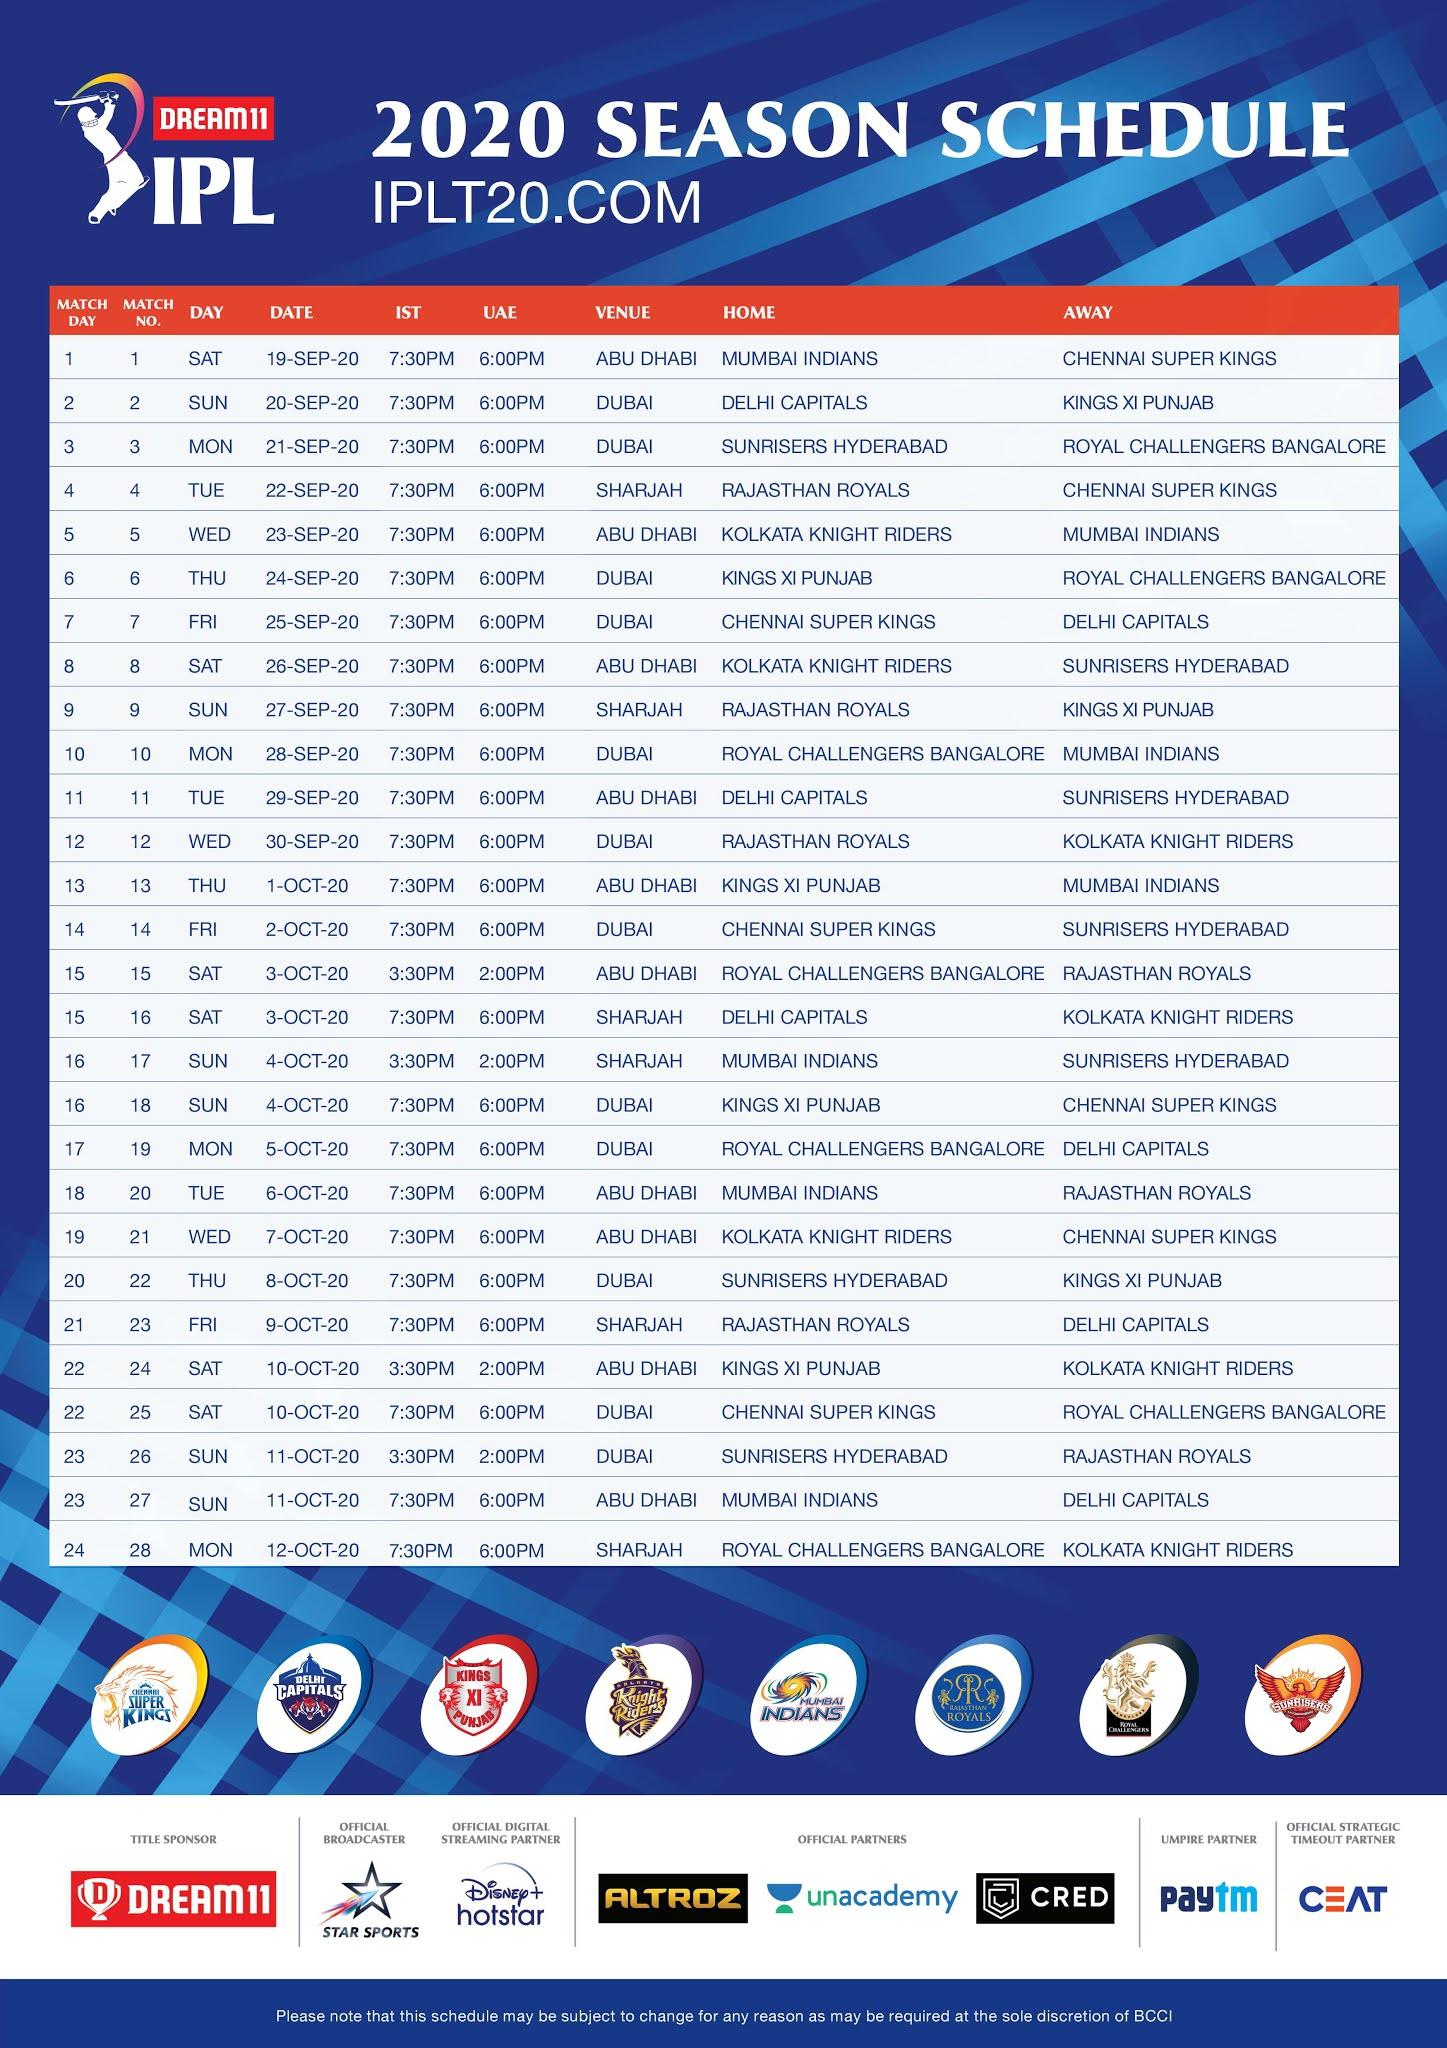 আইপিএল ২০২০ সময়সূচী | IPL 2020 schedule | আইপিএল সময়সূচি 2020